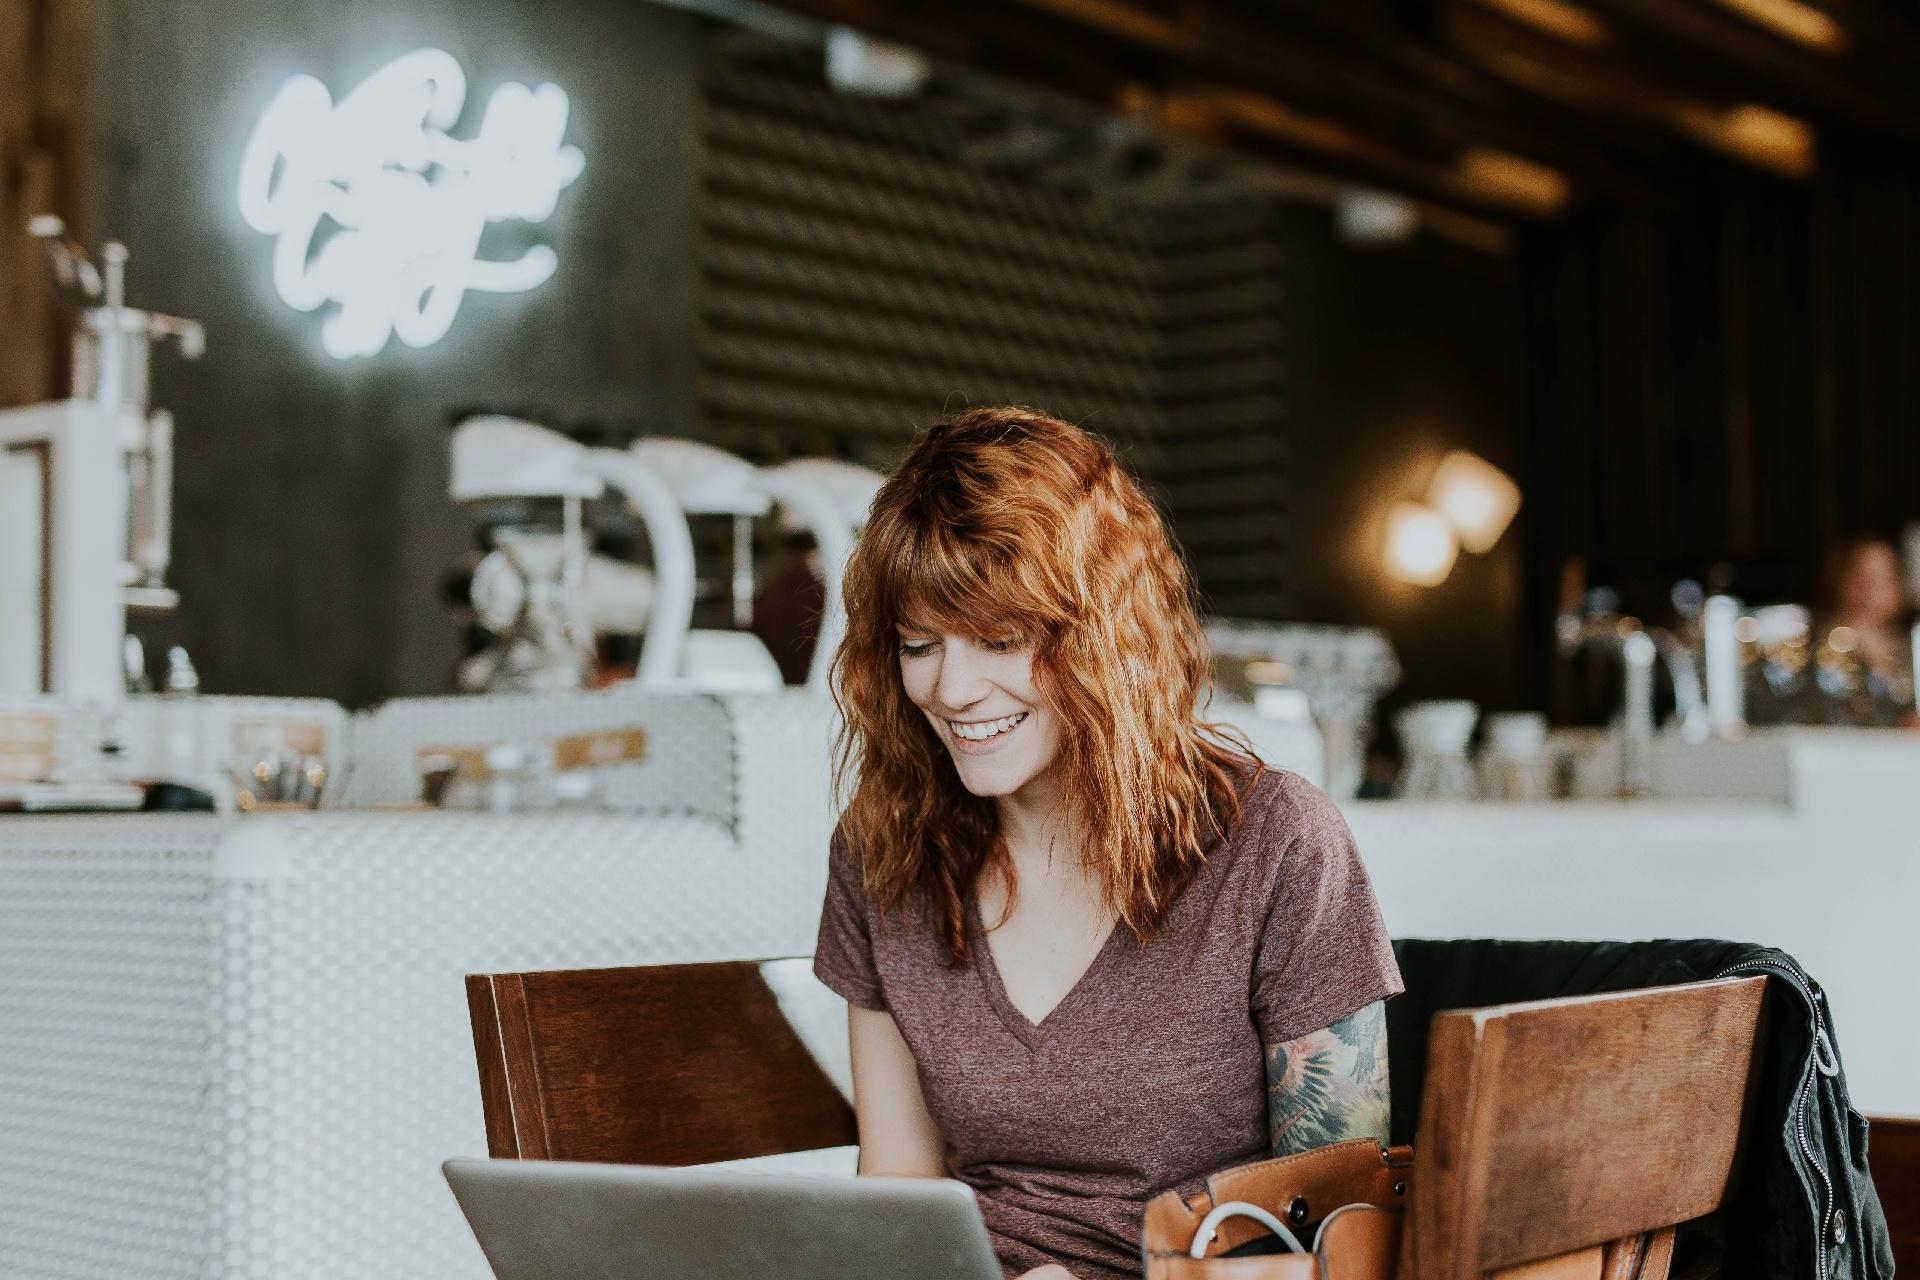 Genesys erfindet das Kunden- und Mitarbeitererlebnis neu_cmm360_Photo by Brooke Cagle on Unsplash